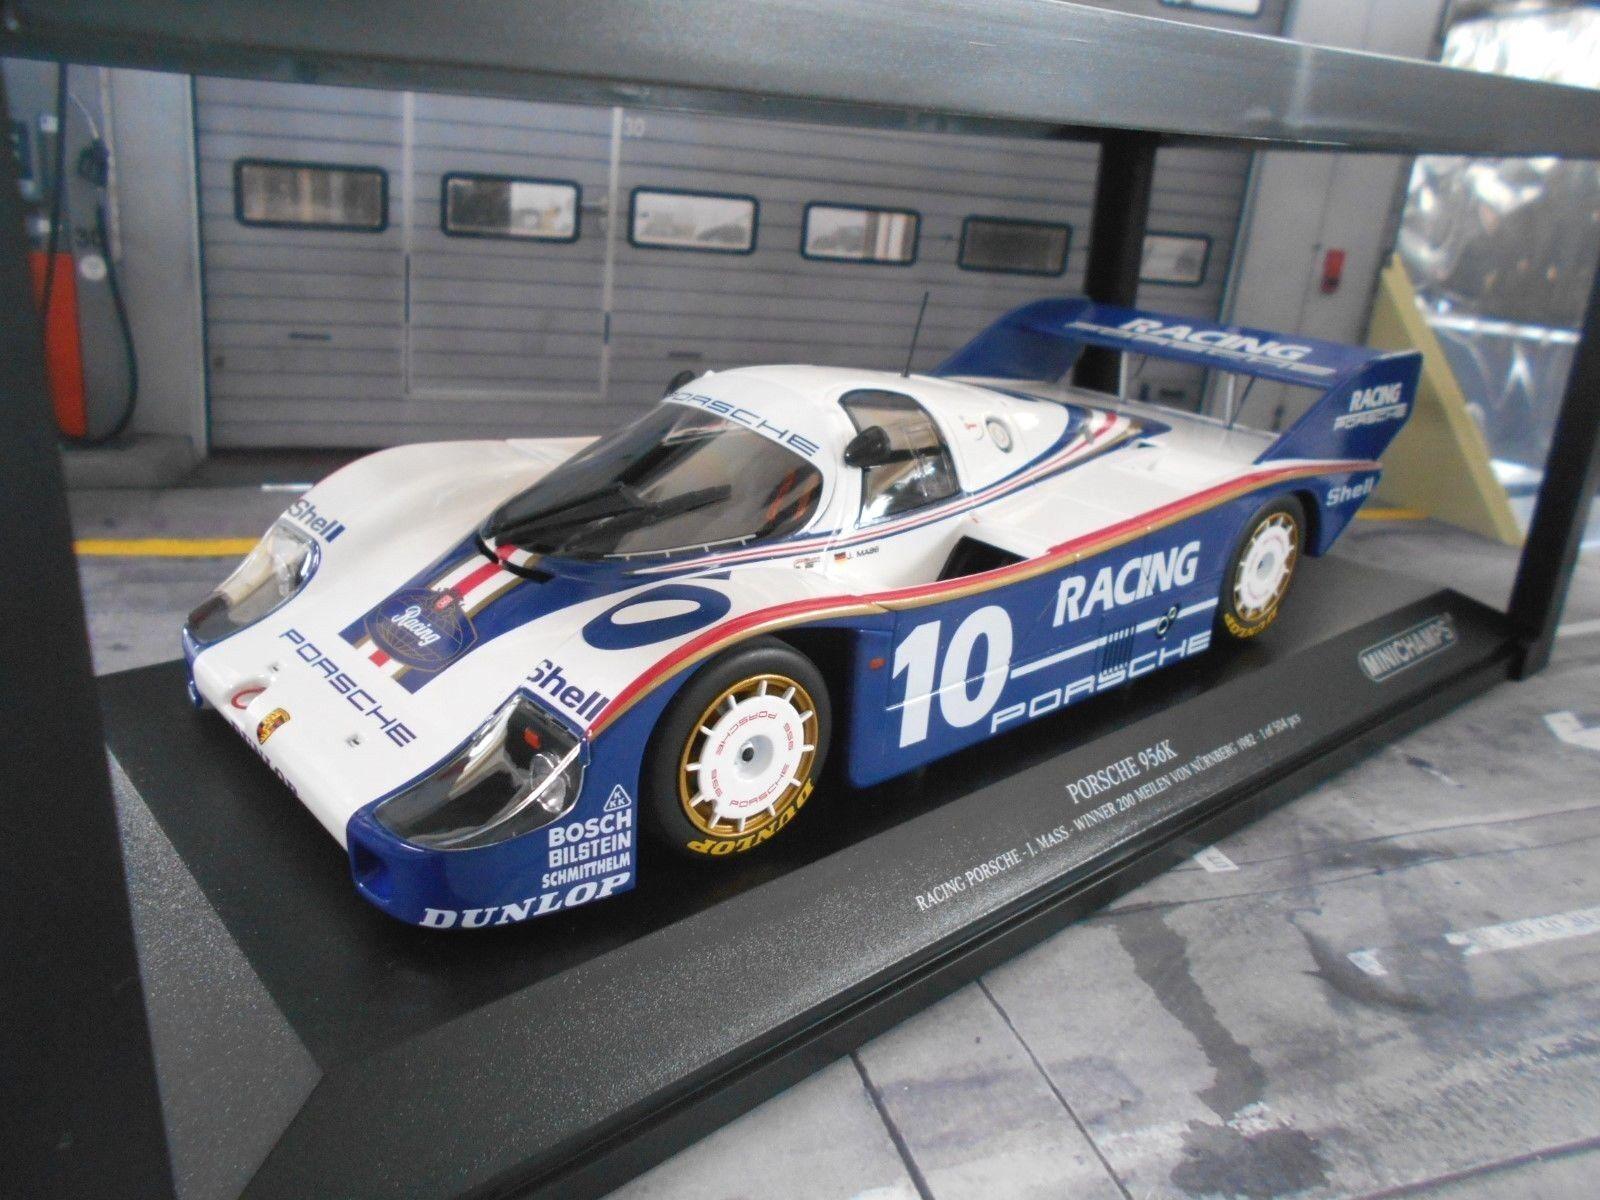 Porsche 956 Dimensione C Norisring 200 millas mass winner 1982 nbrg Minichamps 1 18